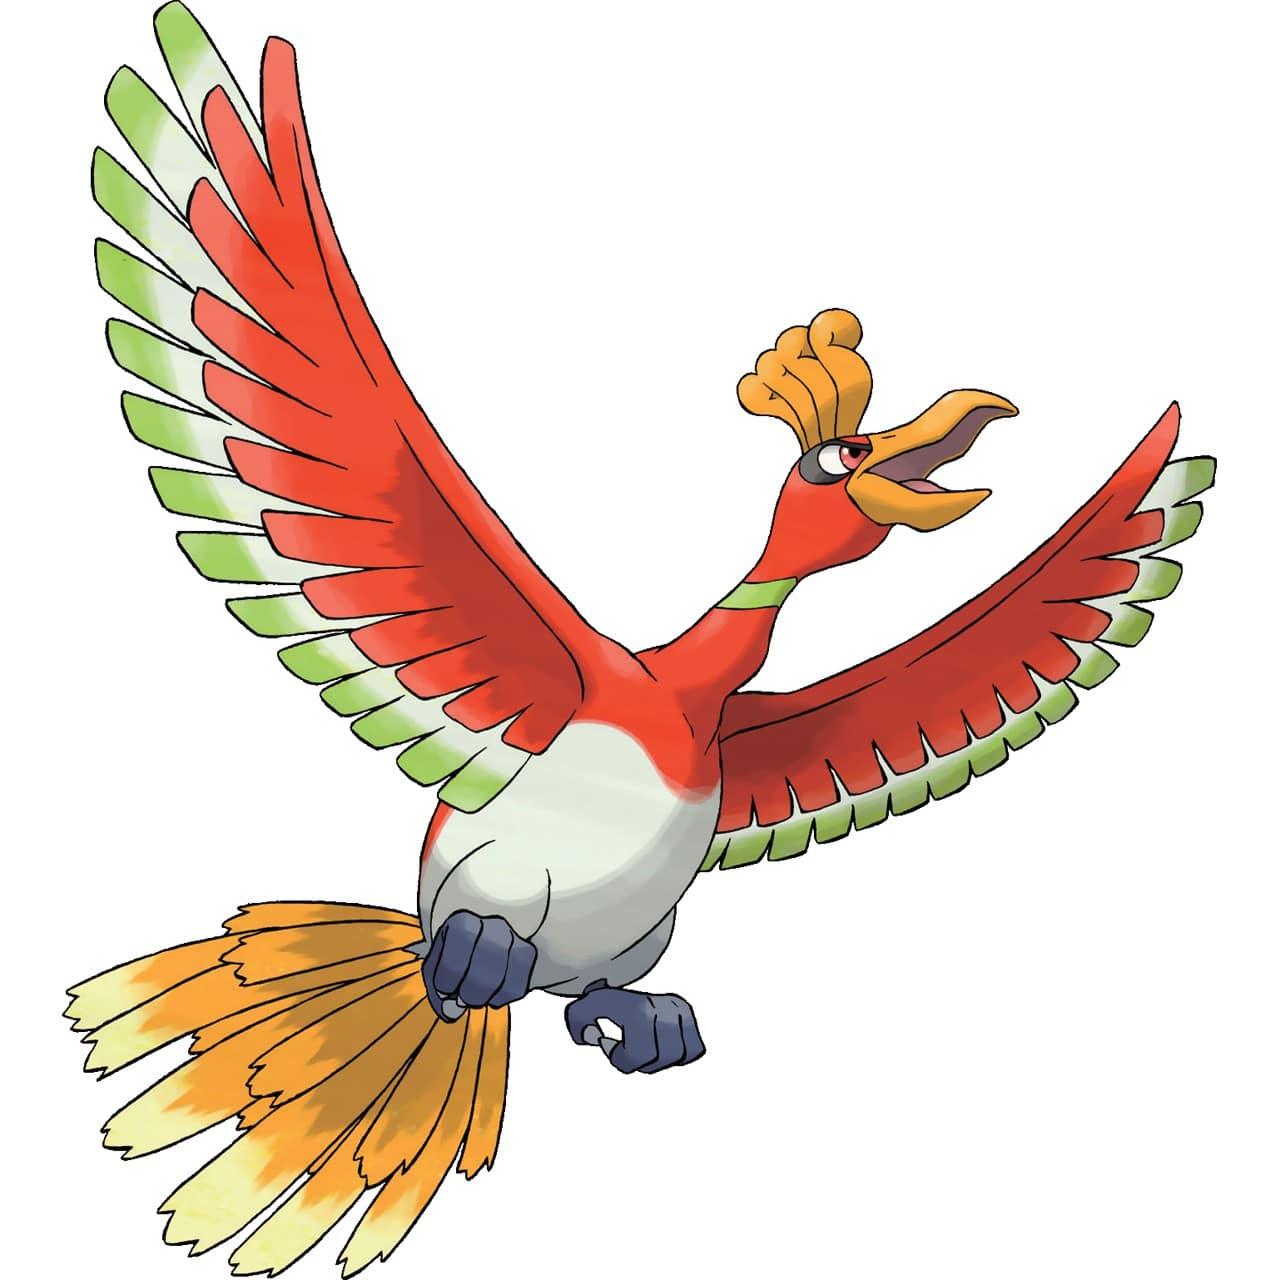 【攻略】 Pokemon GO 鳳王屬性圖鑑 鳳王在哪抓